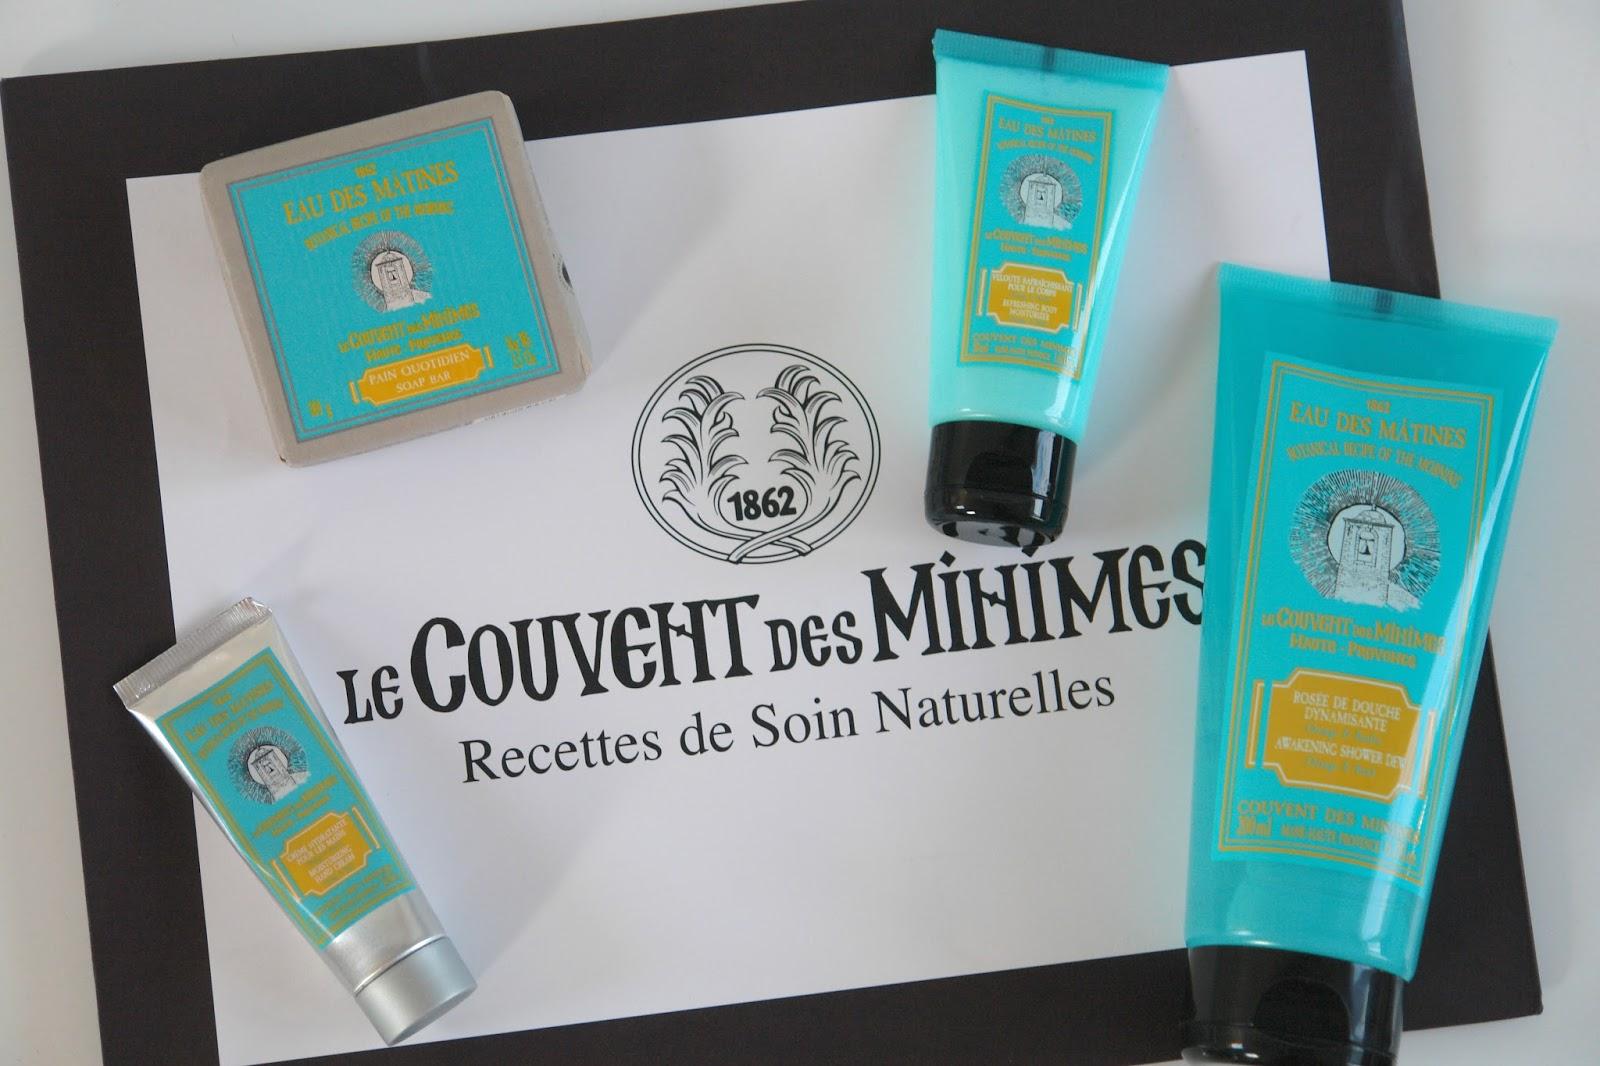 Le Couvent des Minimes products mini-reviews